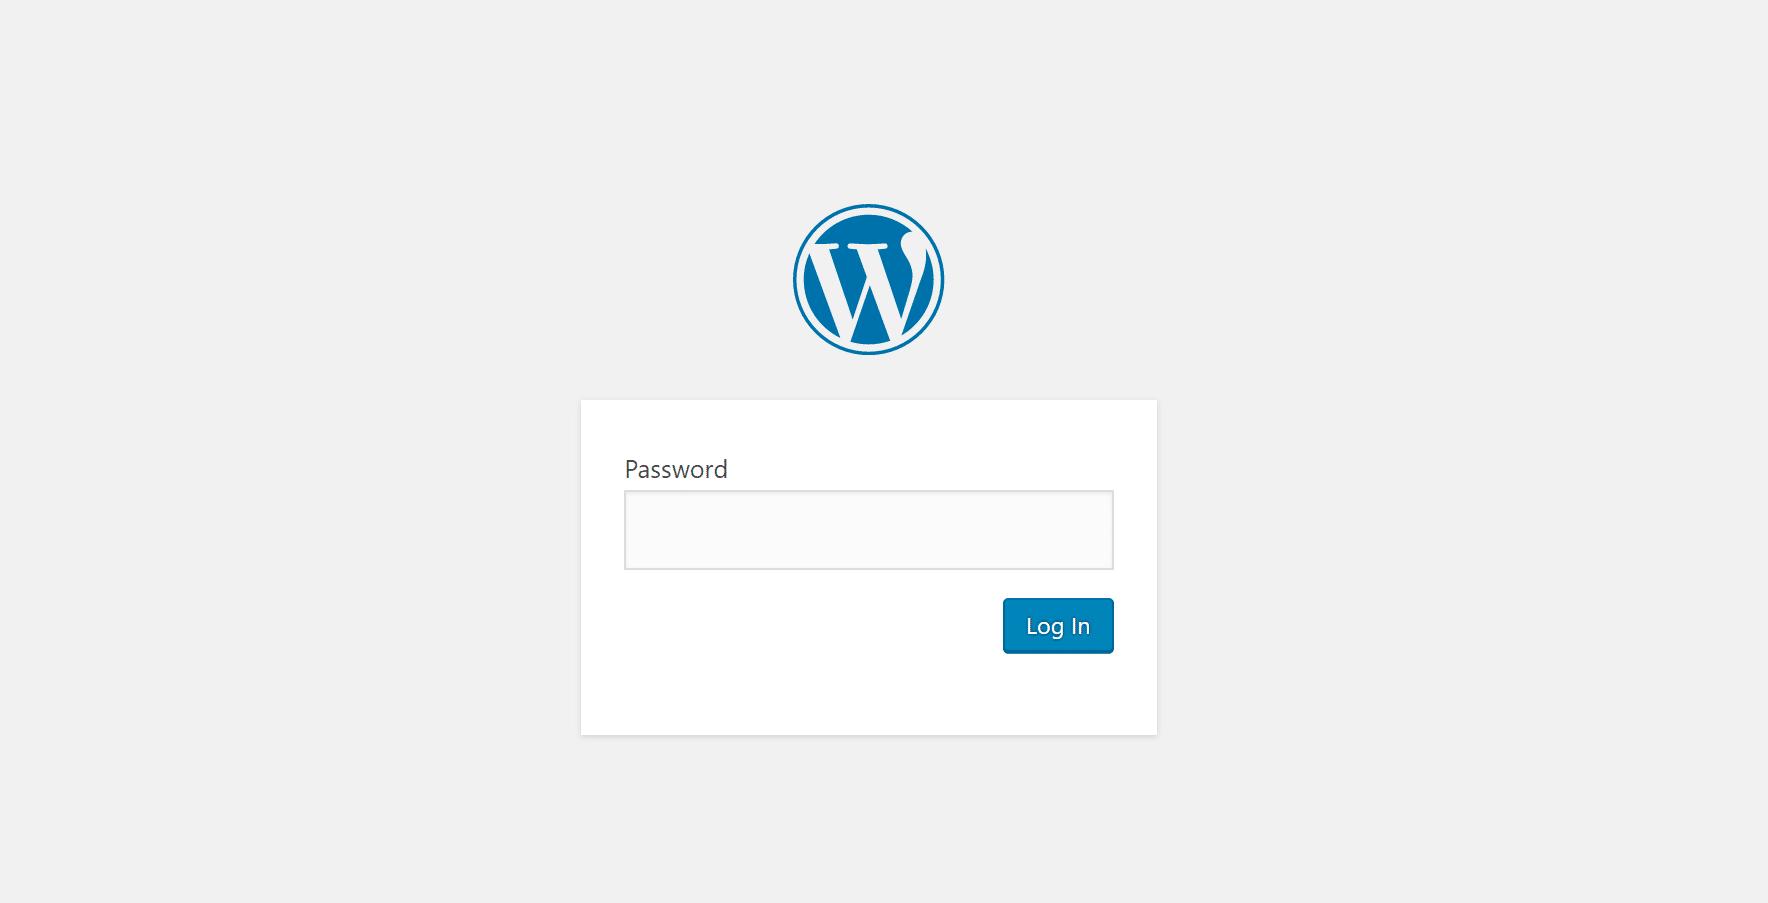 サイト全体を対象としたパスワード入力フォーム